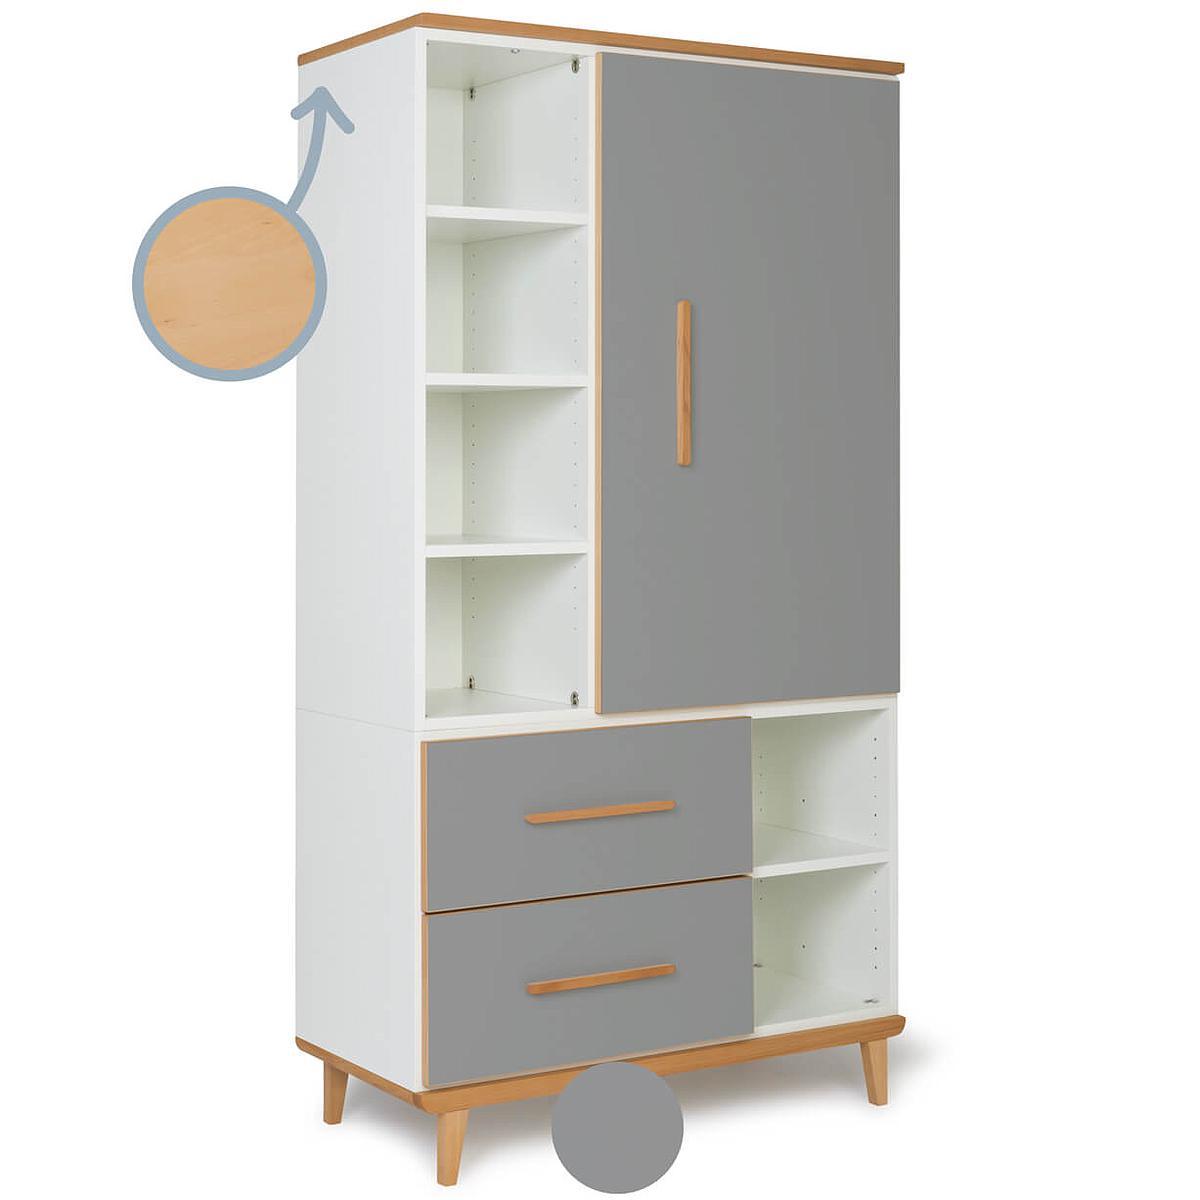 Armoire 173cm 1 porte 2 tiroirs NADO By A.K. slate grey